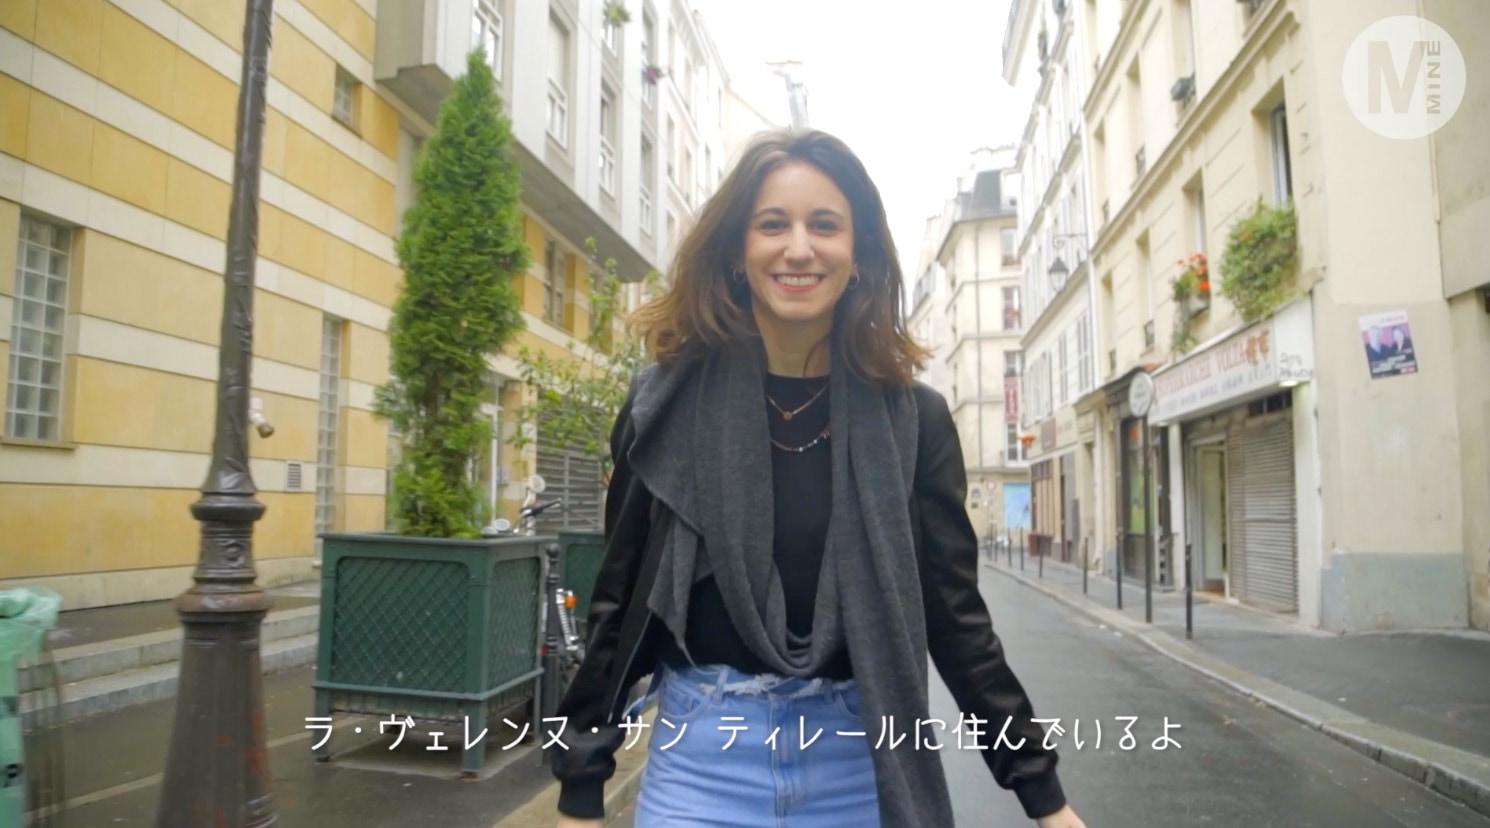 【Paris】パリジェンヌたちの